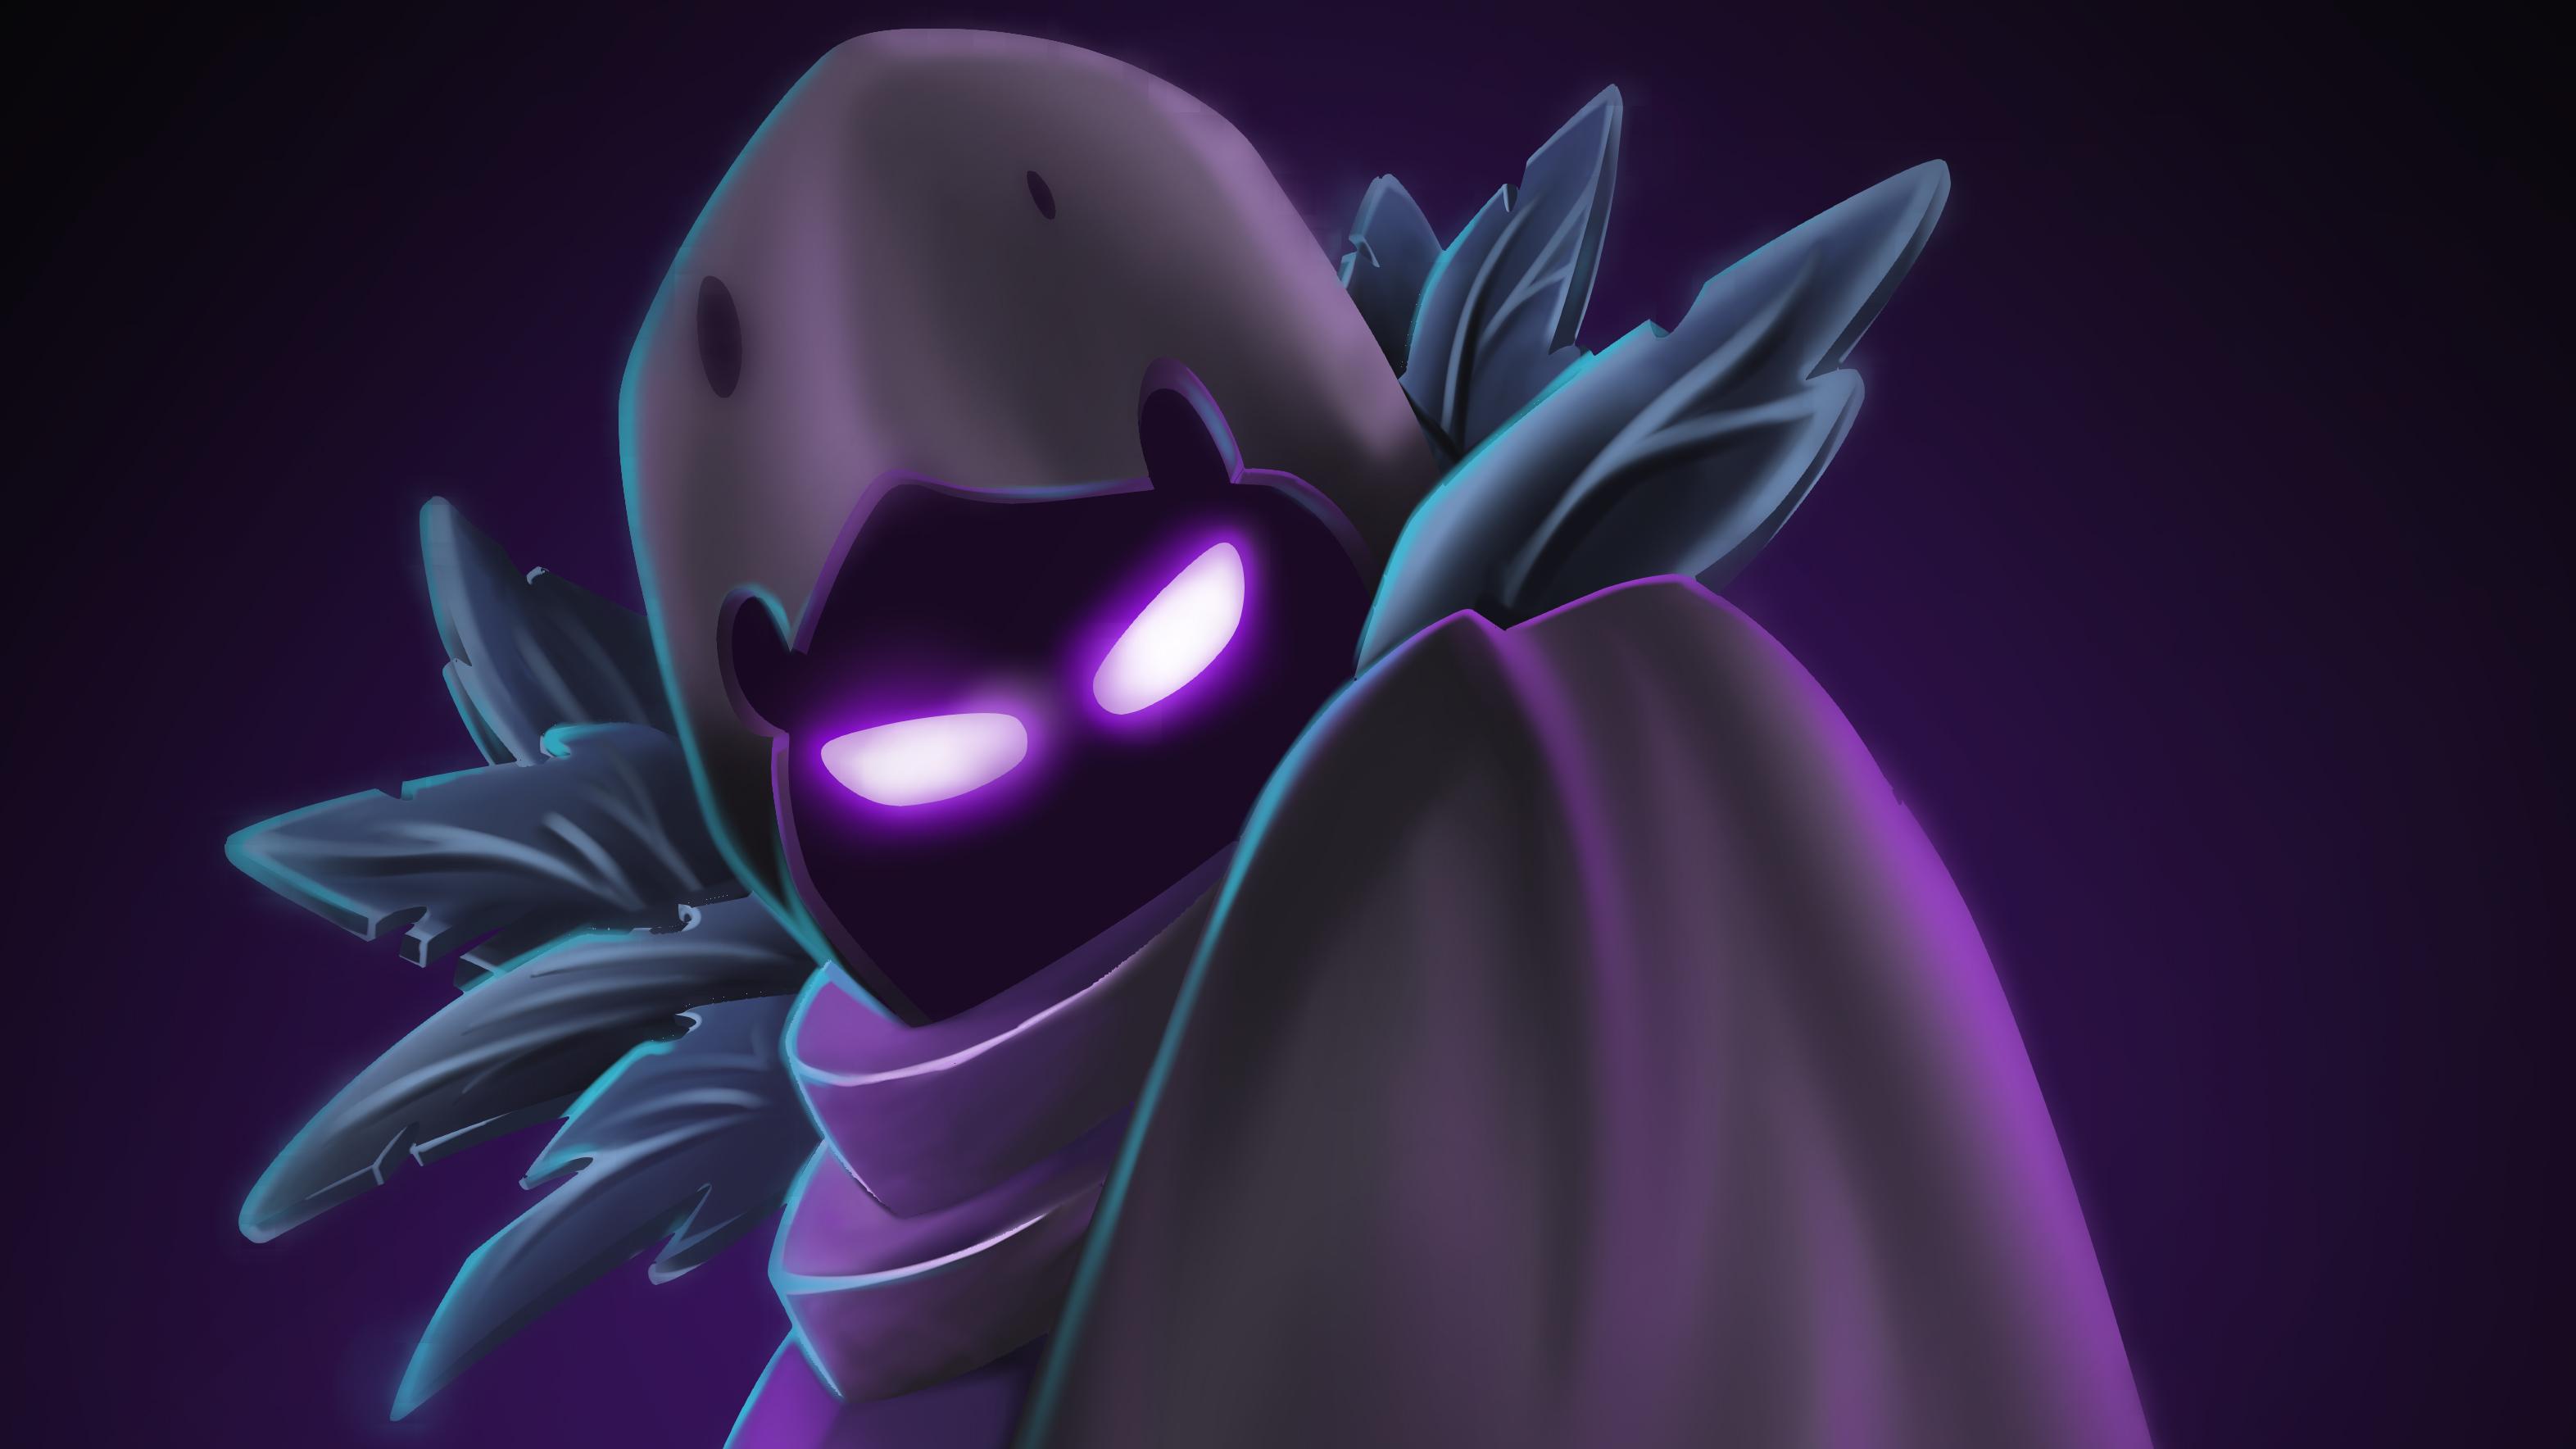 Raven Fortnite Battle Royale Season 6 4k Hd Games 4k